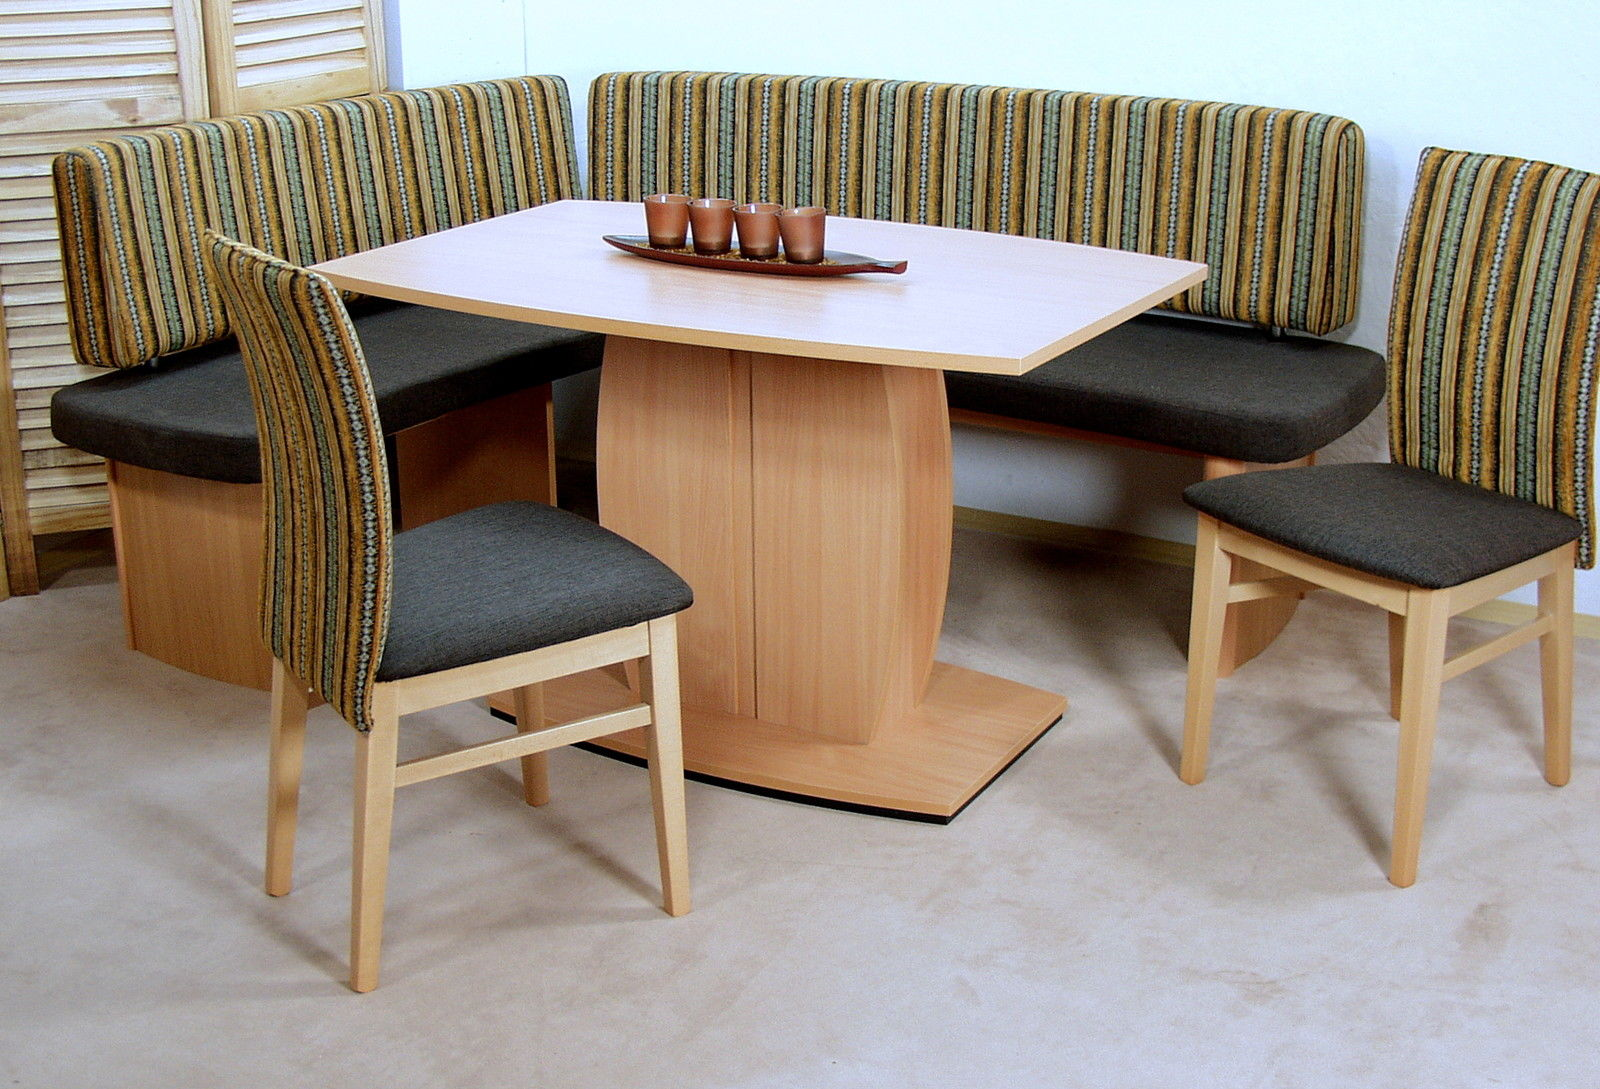 Brilliant Moderne Stühle Günstig Ideen Von Eckbankgruppe 4 Tlg. Terra Eckbank Tisch Massiv